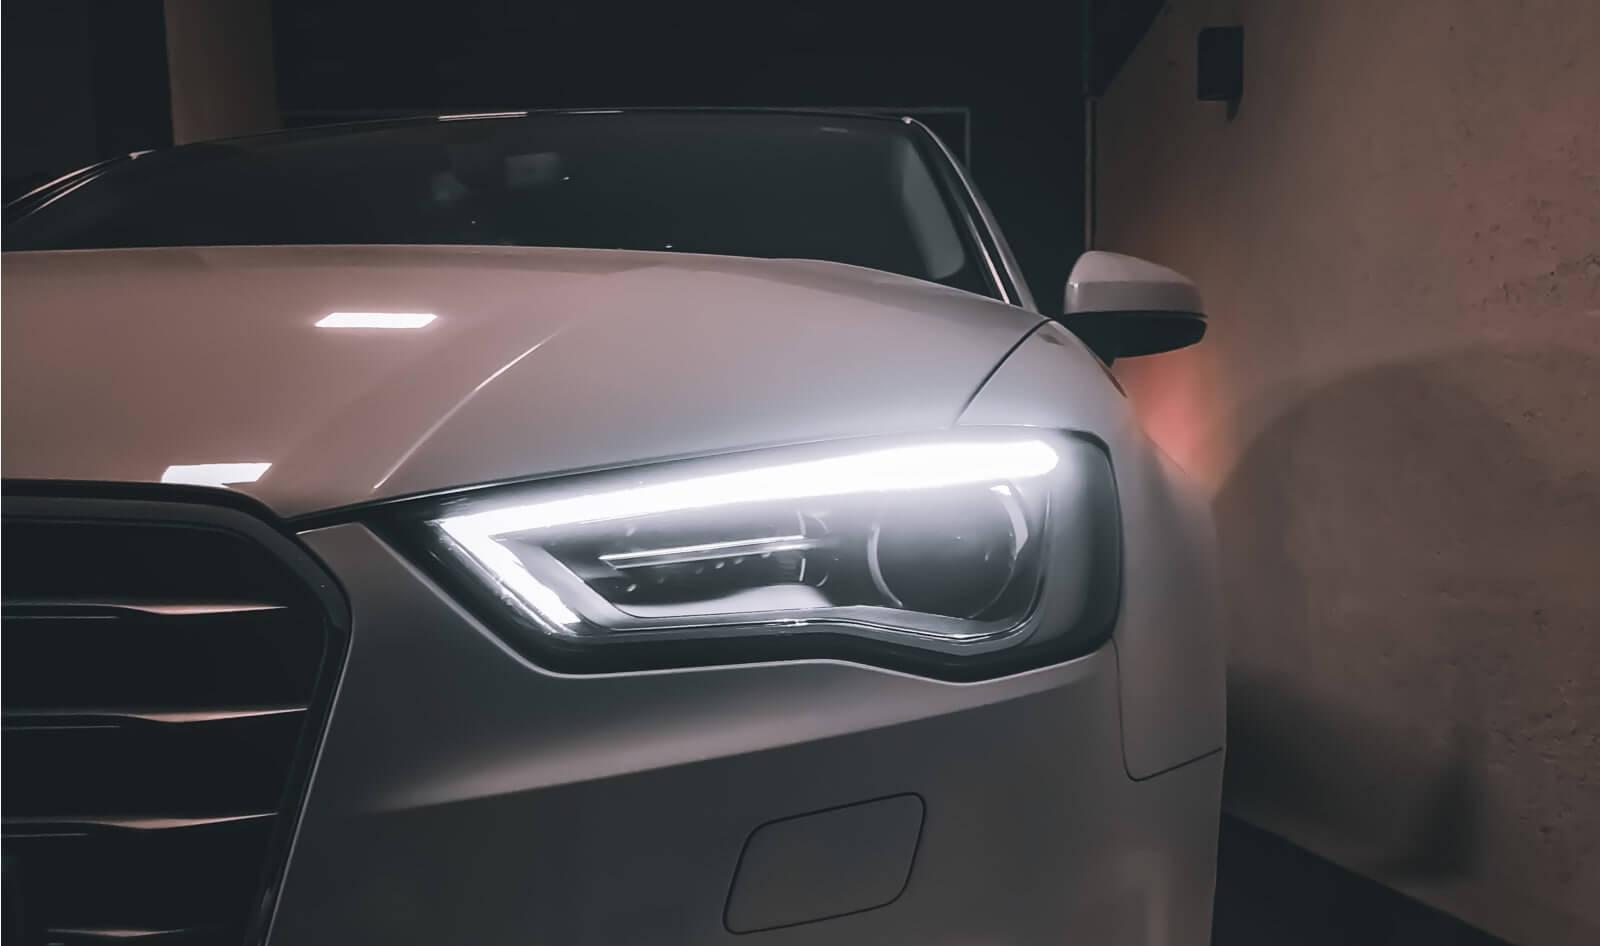 luces cortas y largas para conducir de noche de manera segura